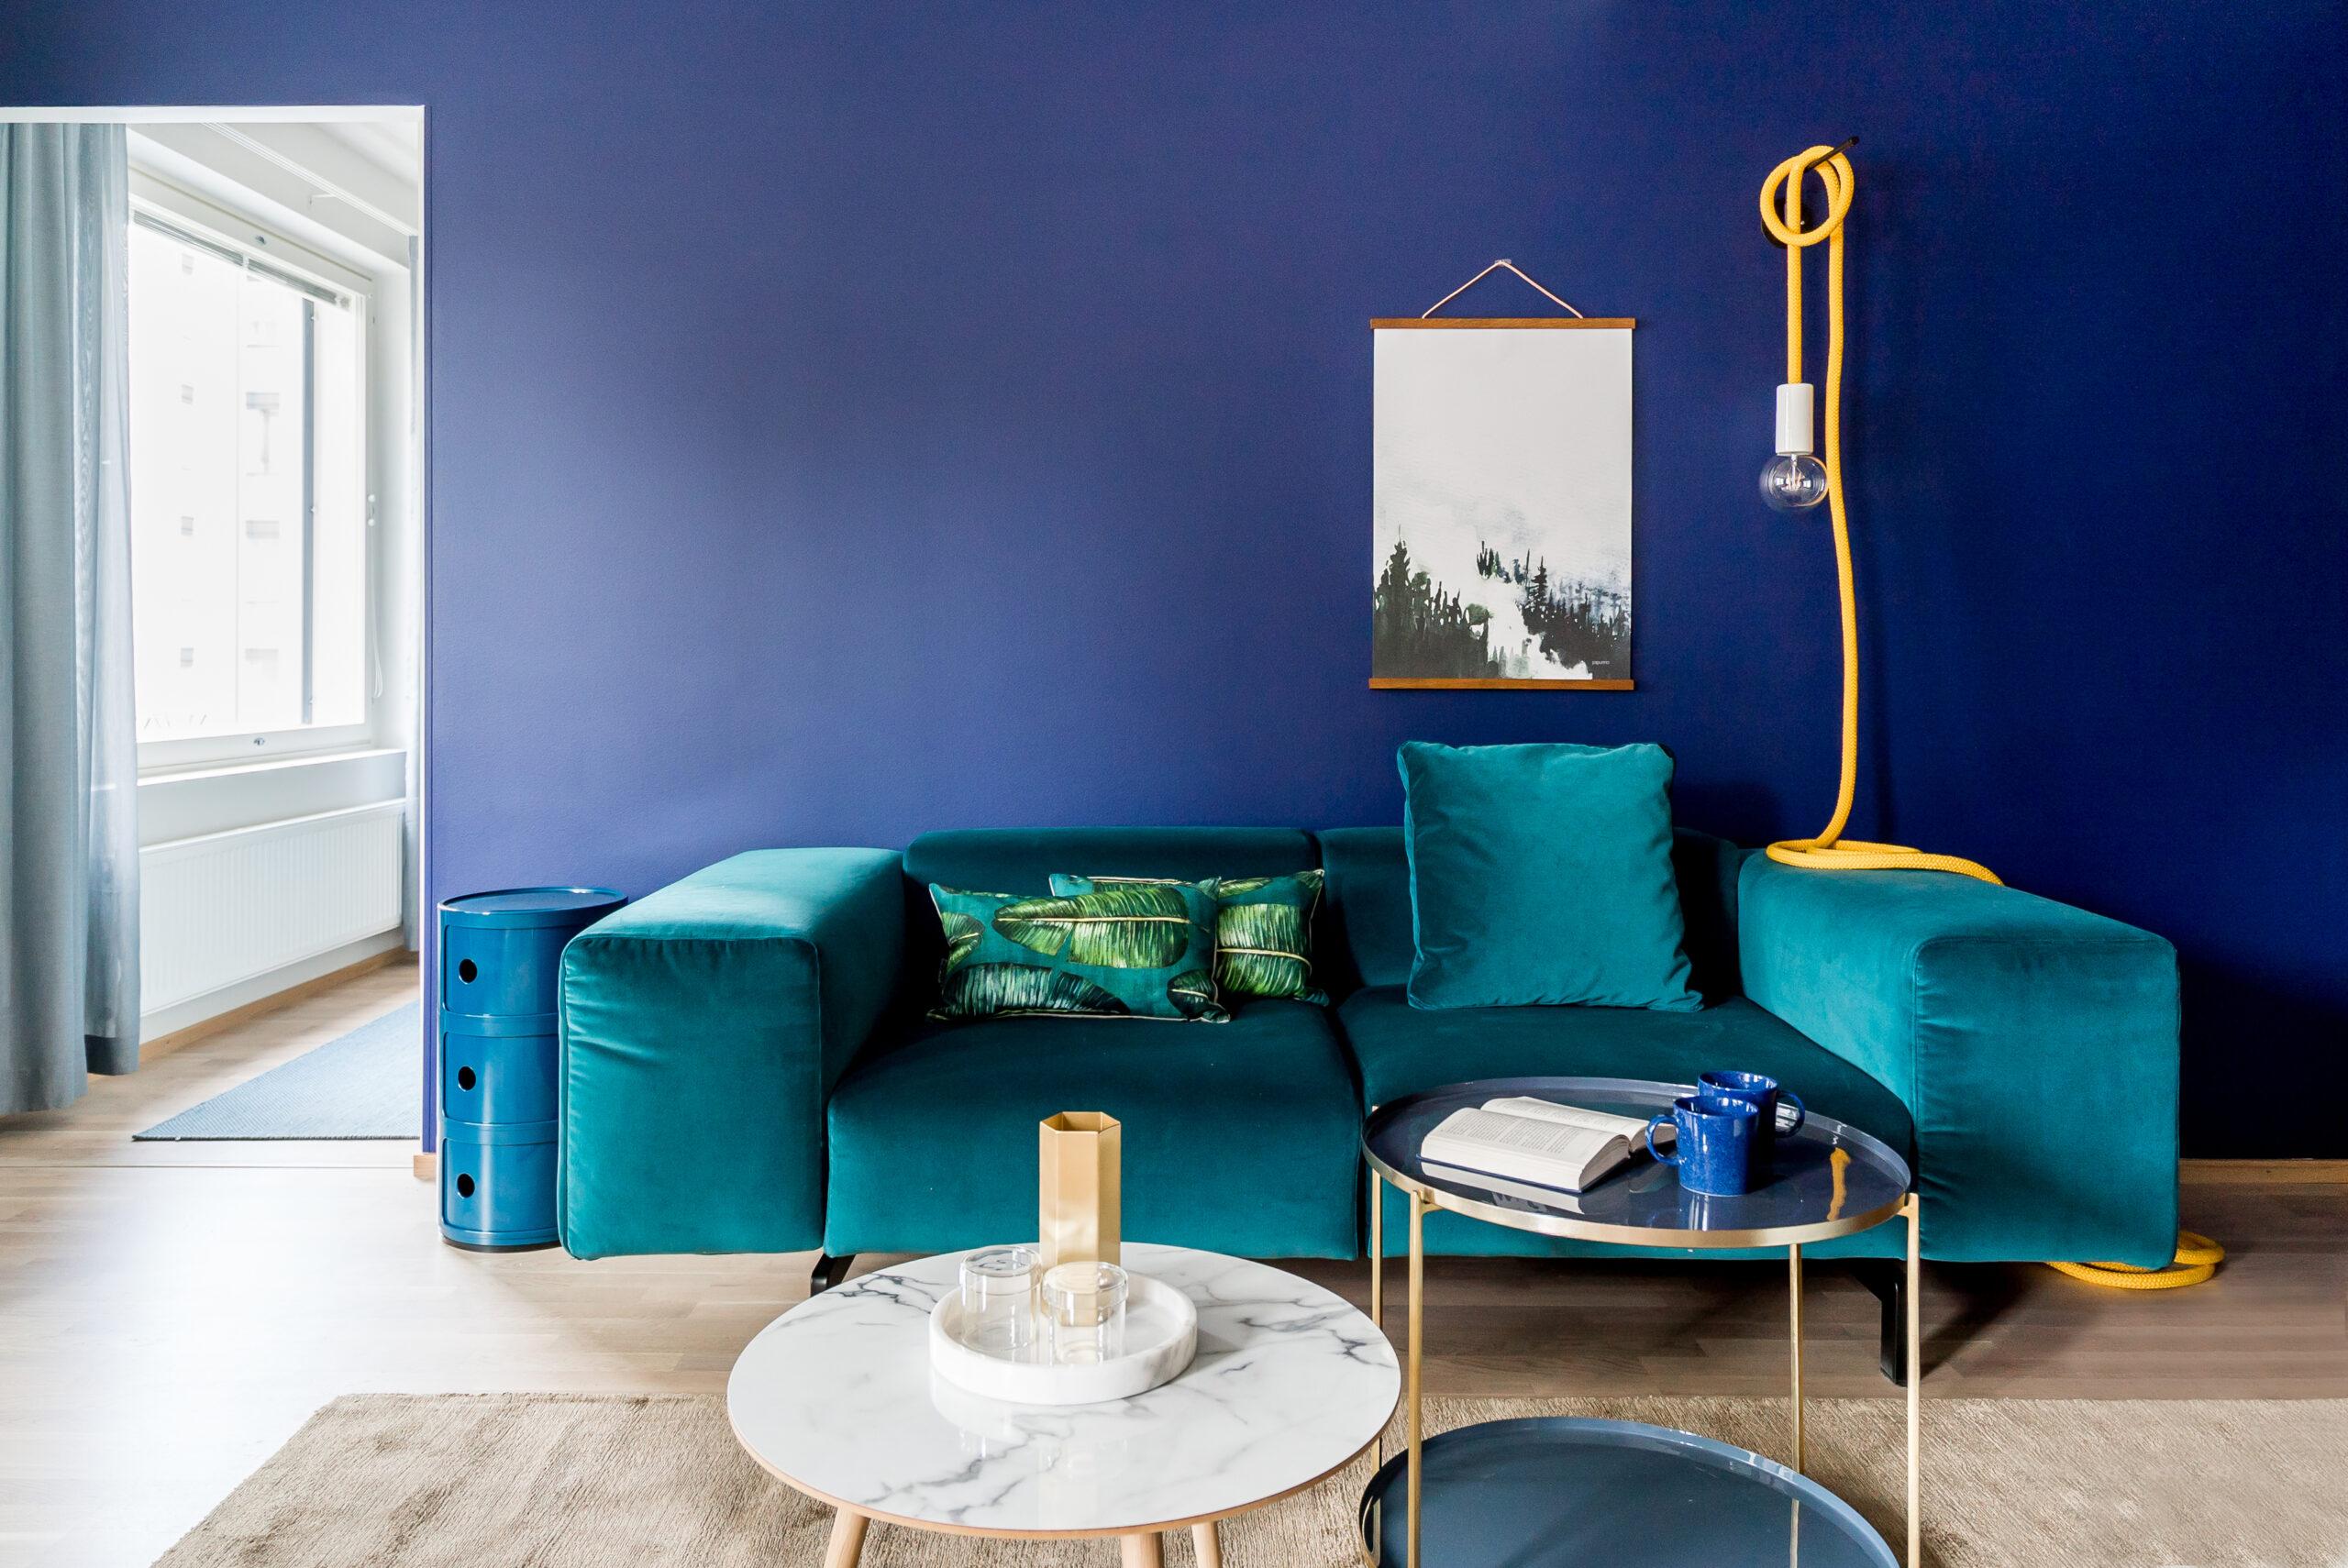 Lempiväreillä, ihanilla materiaaleilla ja hauskoilla yksityiskohdilla saadaan aikaan näyttävä kokonaisuus. Mikä ettei tämän upean sohvan kaveriksi sopisi vaikkapa jälleen muodissa oleva beige. Minkä värin sinä valitsisit seinälle?